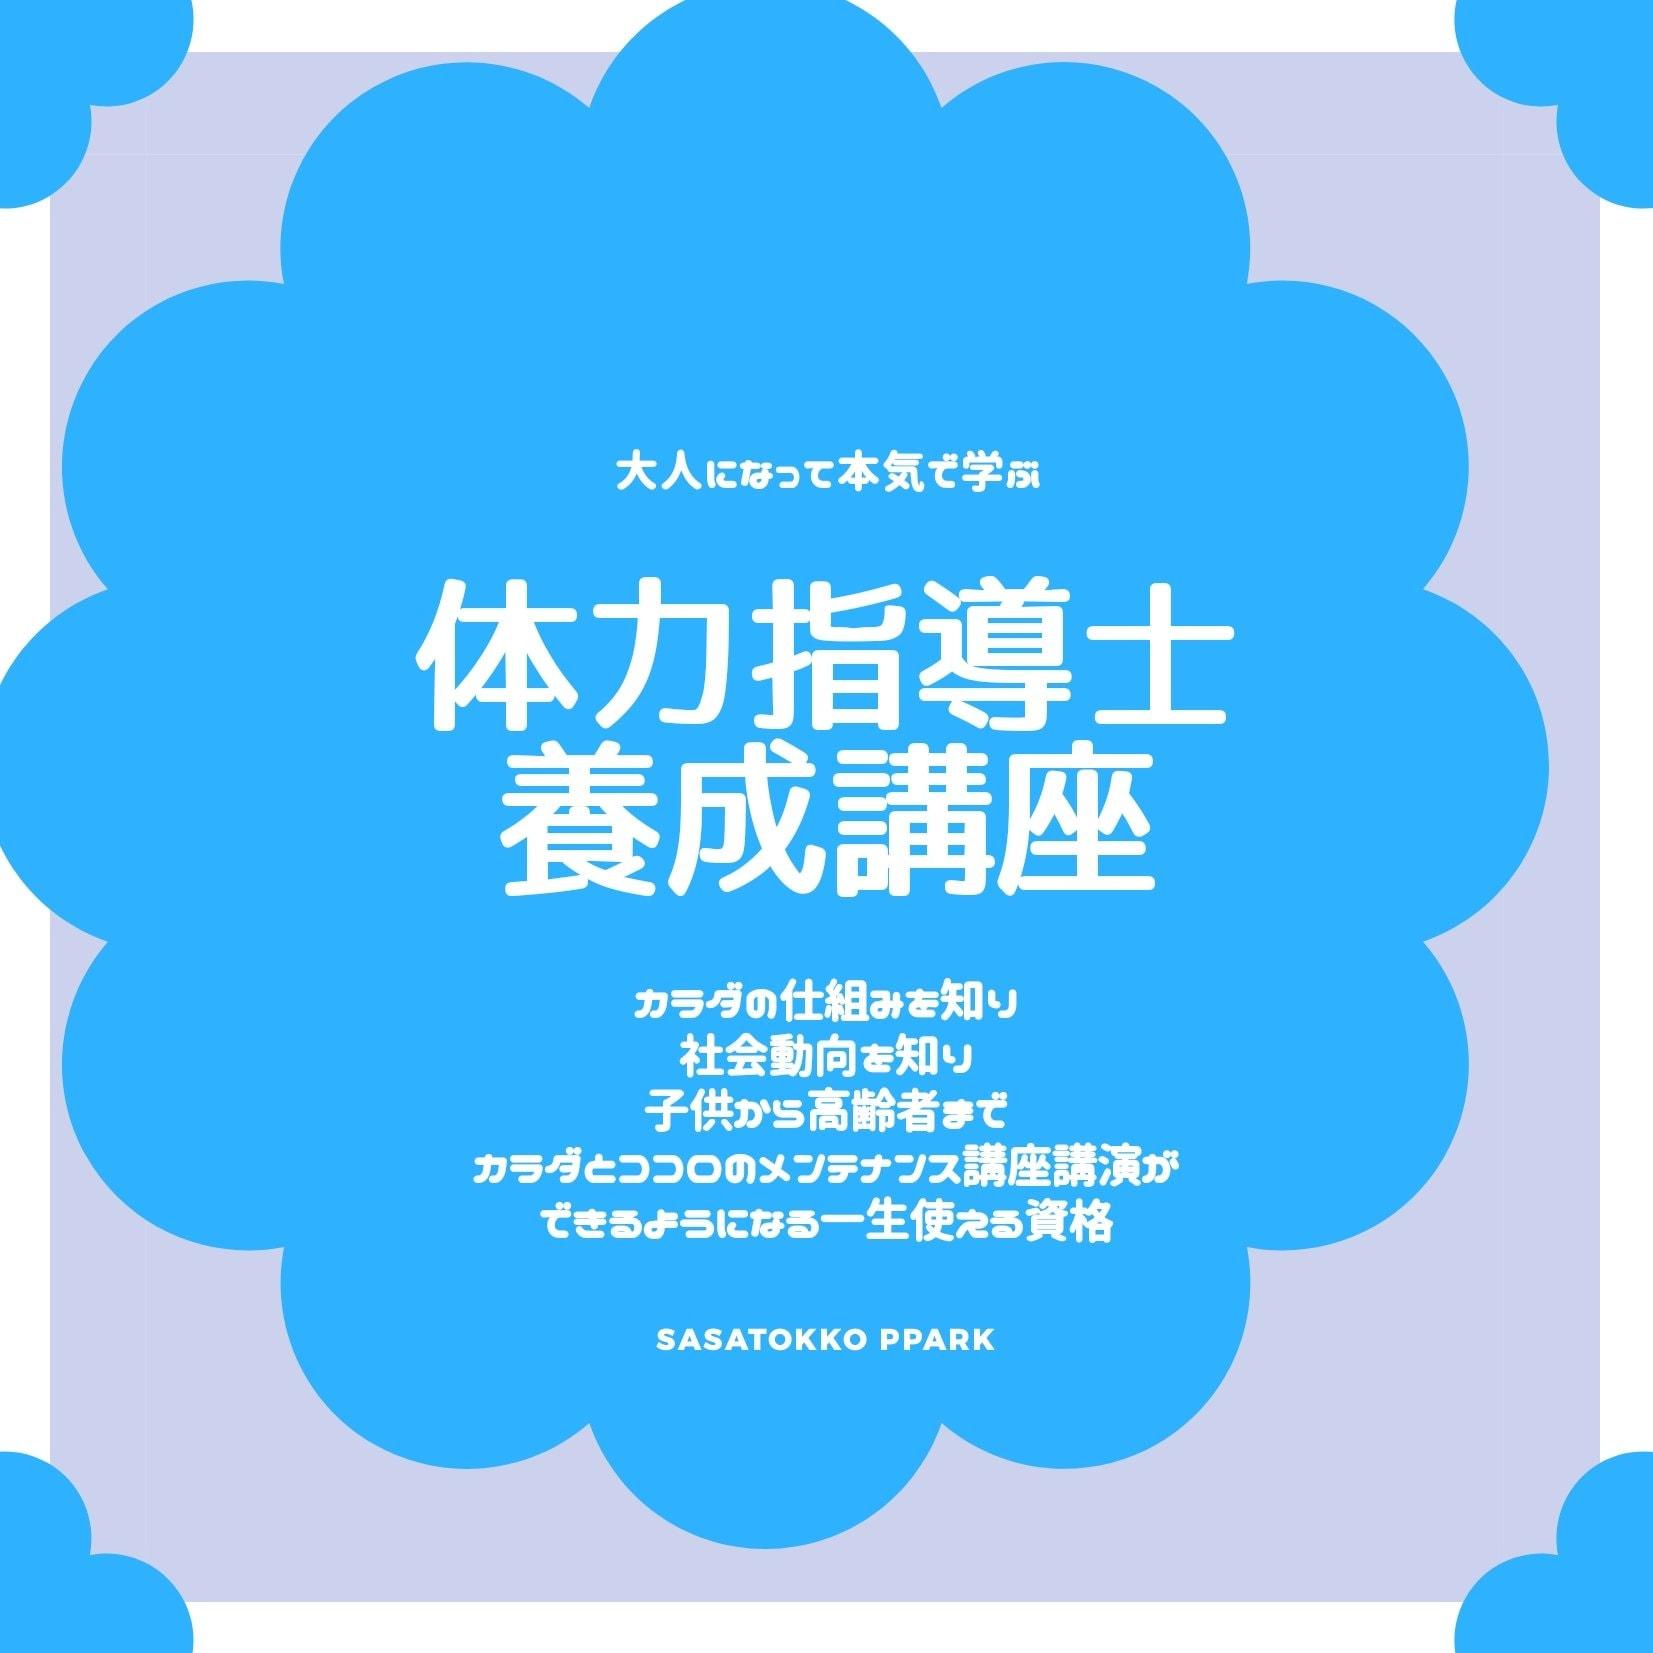 【体力指導士養成講座】@愛知県江南市&オンライン(全国受講可能)のイメージその1